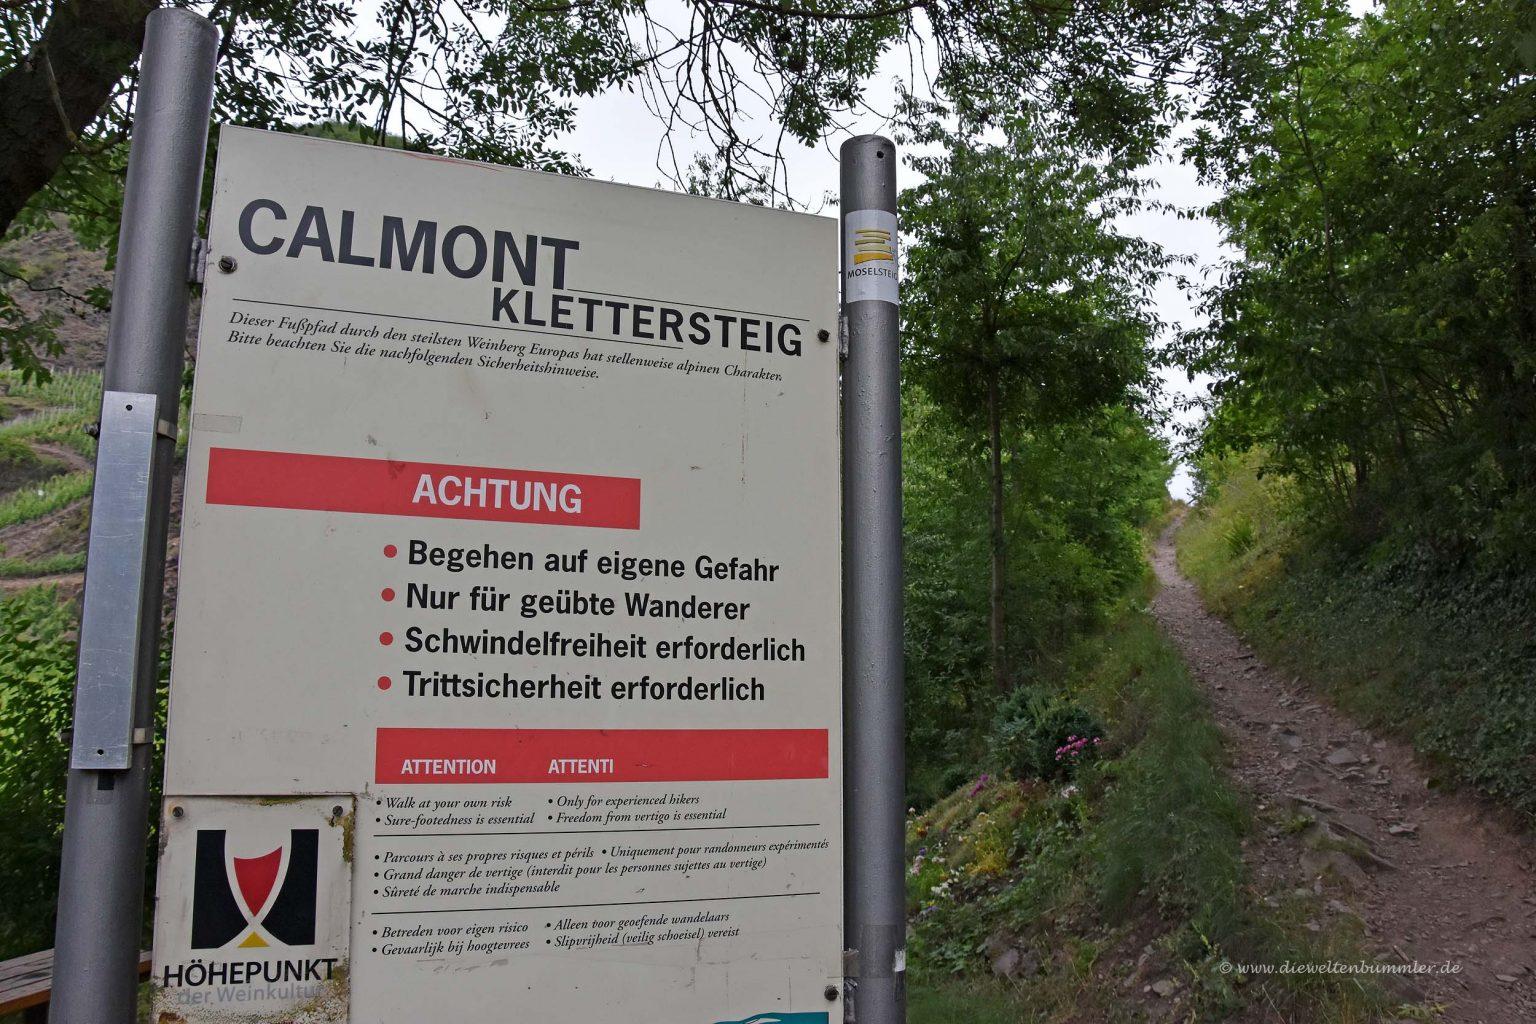 Klettersteig Calmont : Wandern im calmont klettersteig die weltenbummler